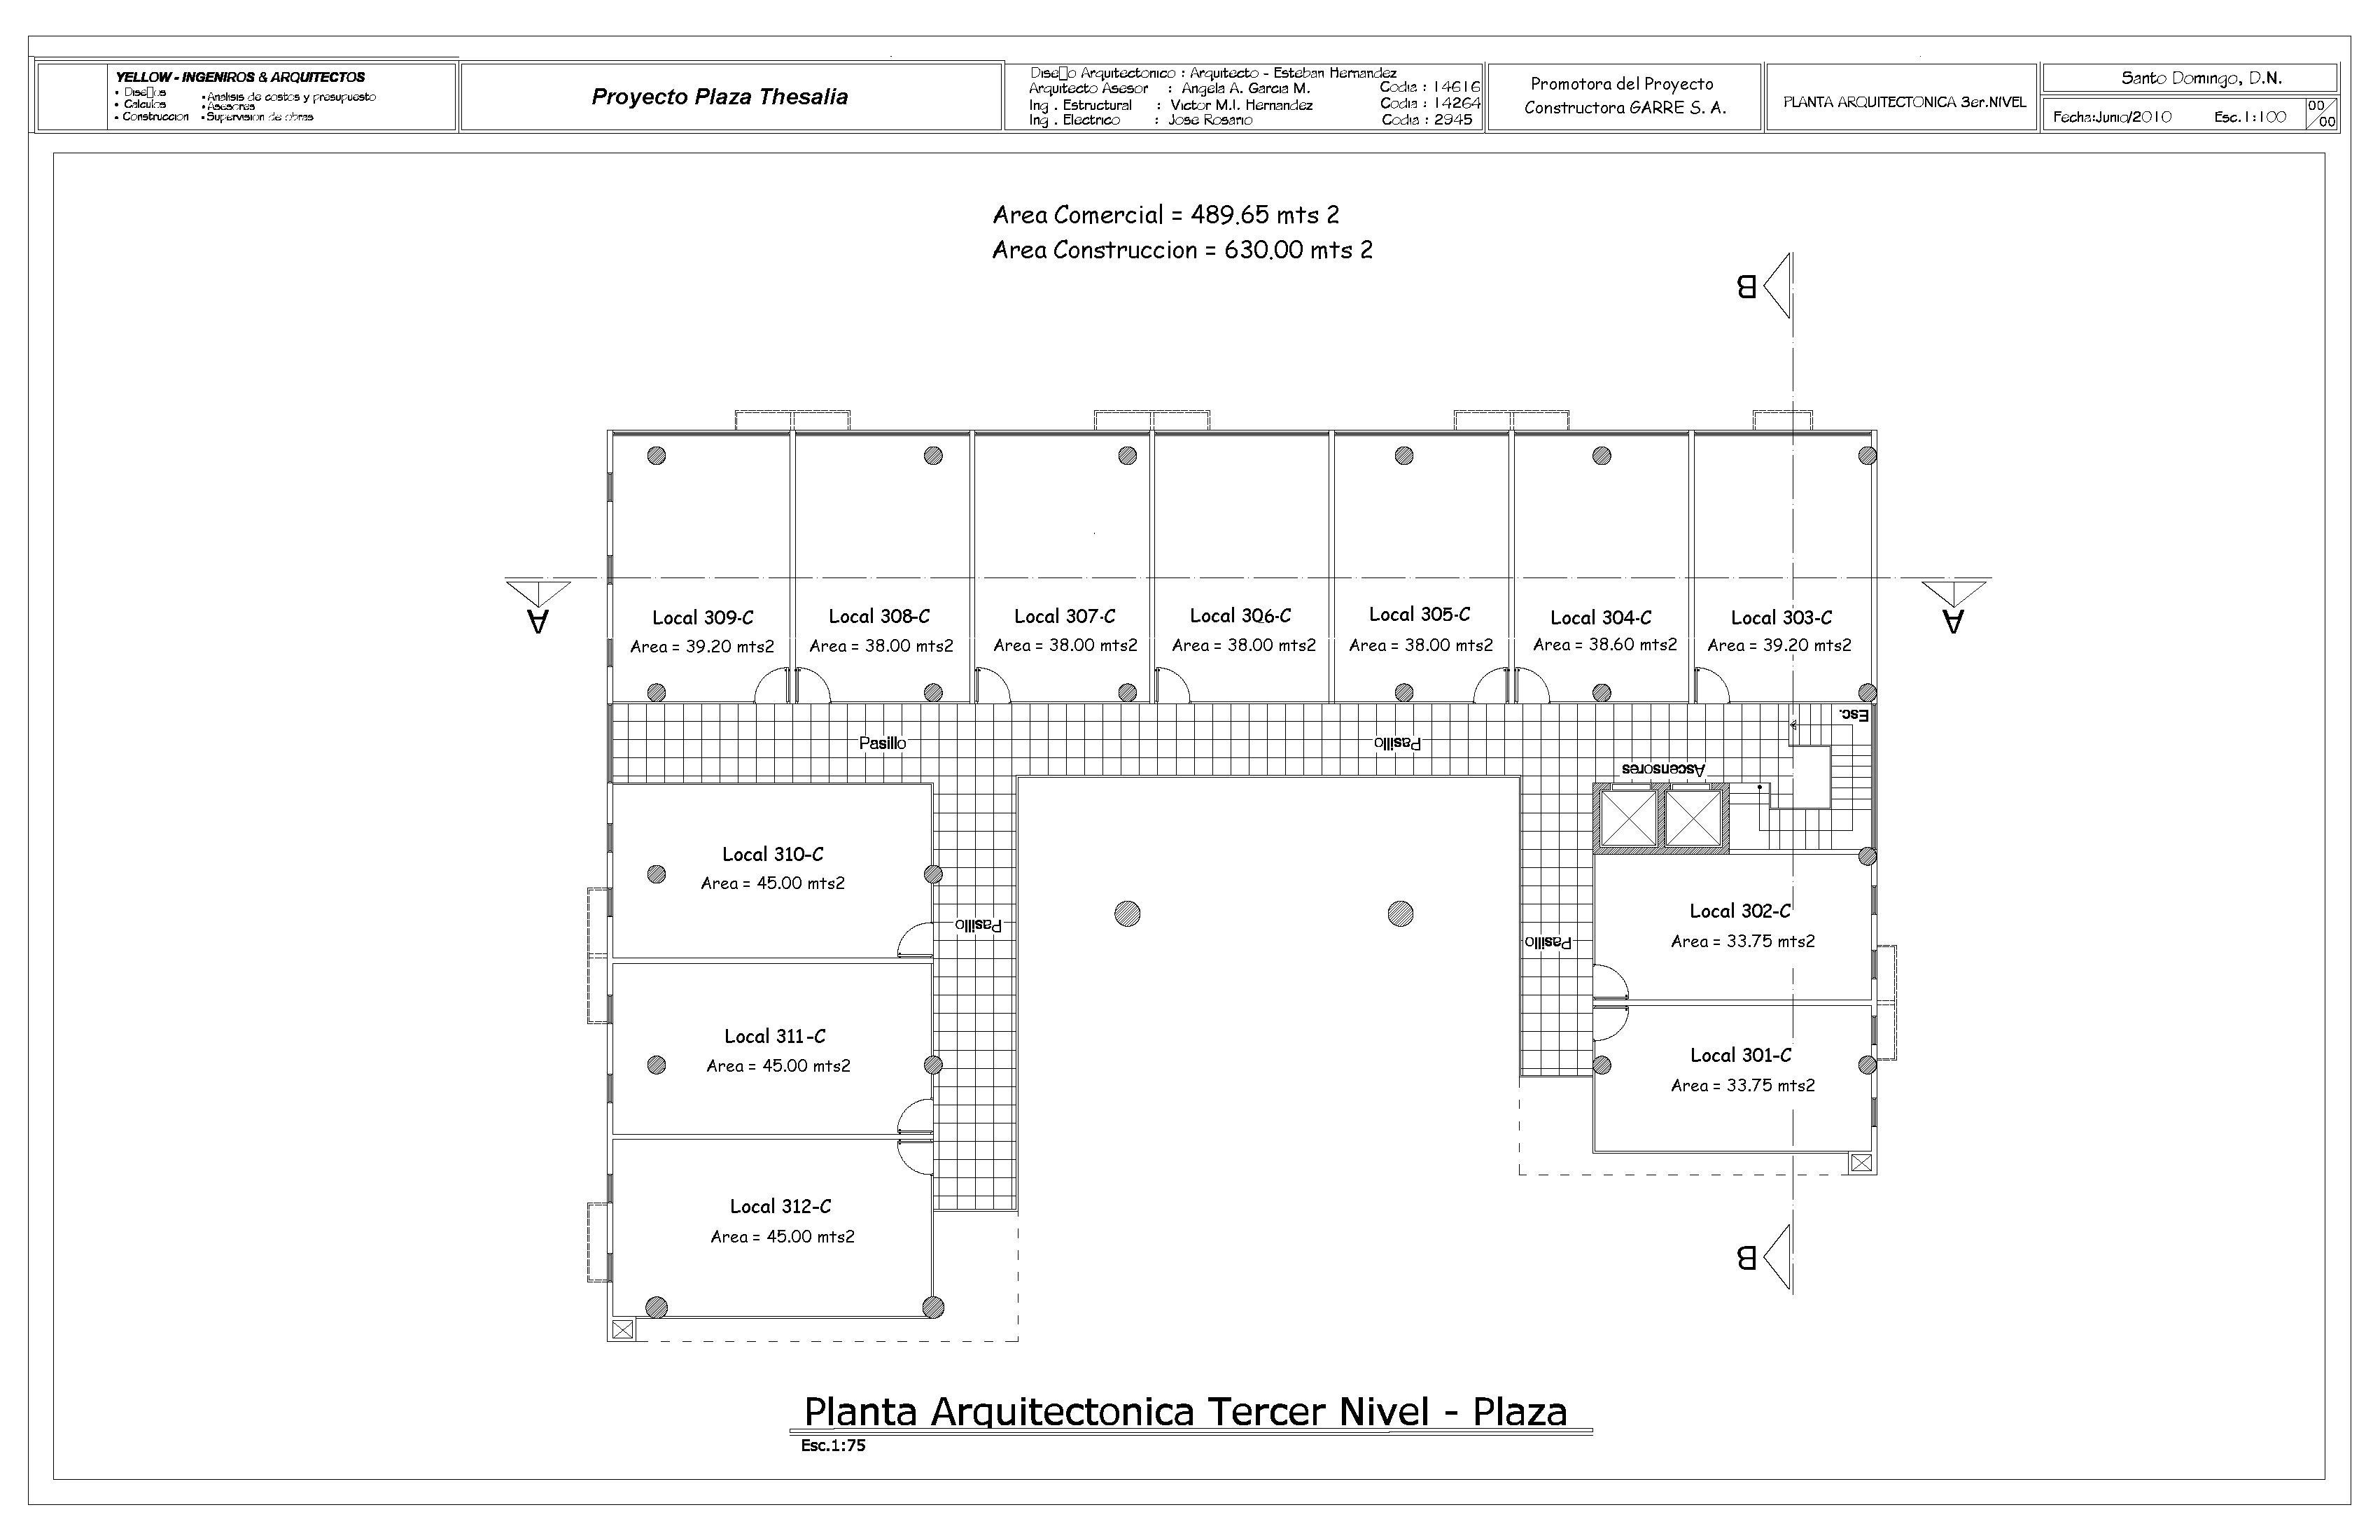 Plaza thesalia centro comercial for Planos arquitectonicos de un oxxo